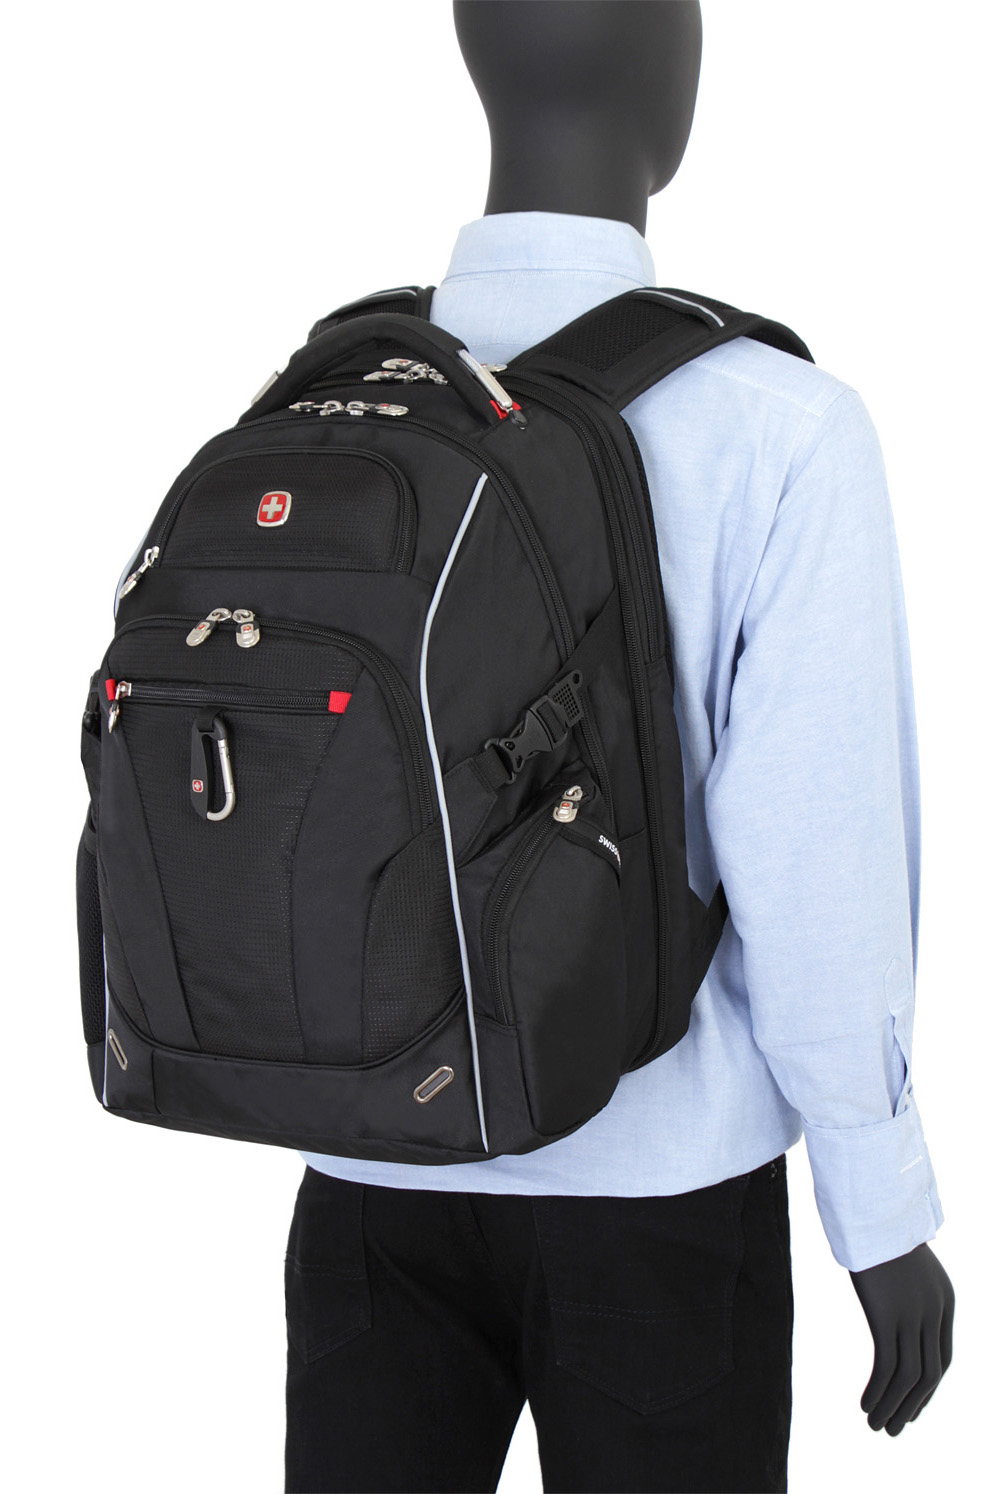 80dd1d6d1e SWISSGEAR 6752 ScanSmart TSA Laptop Backpack - Black